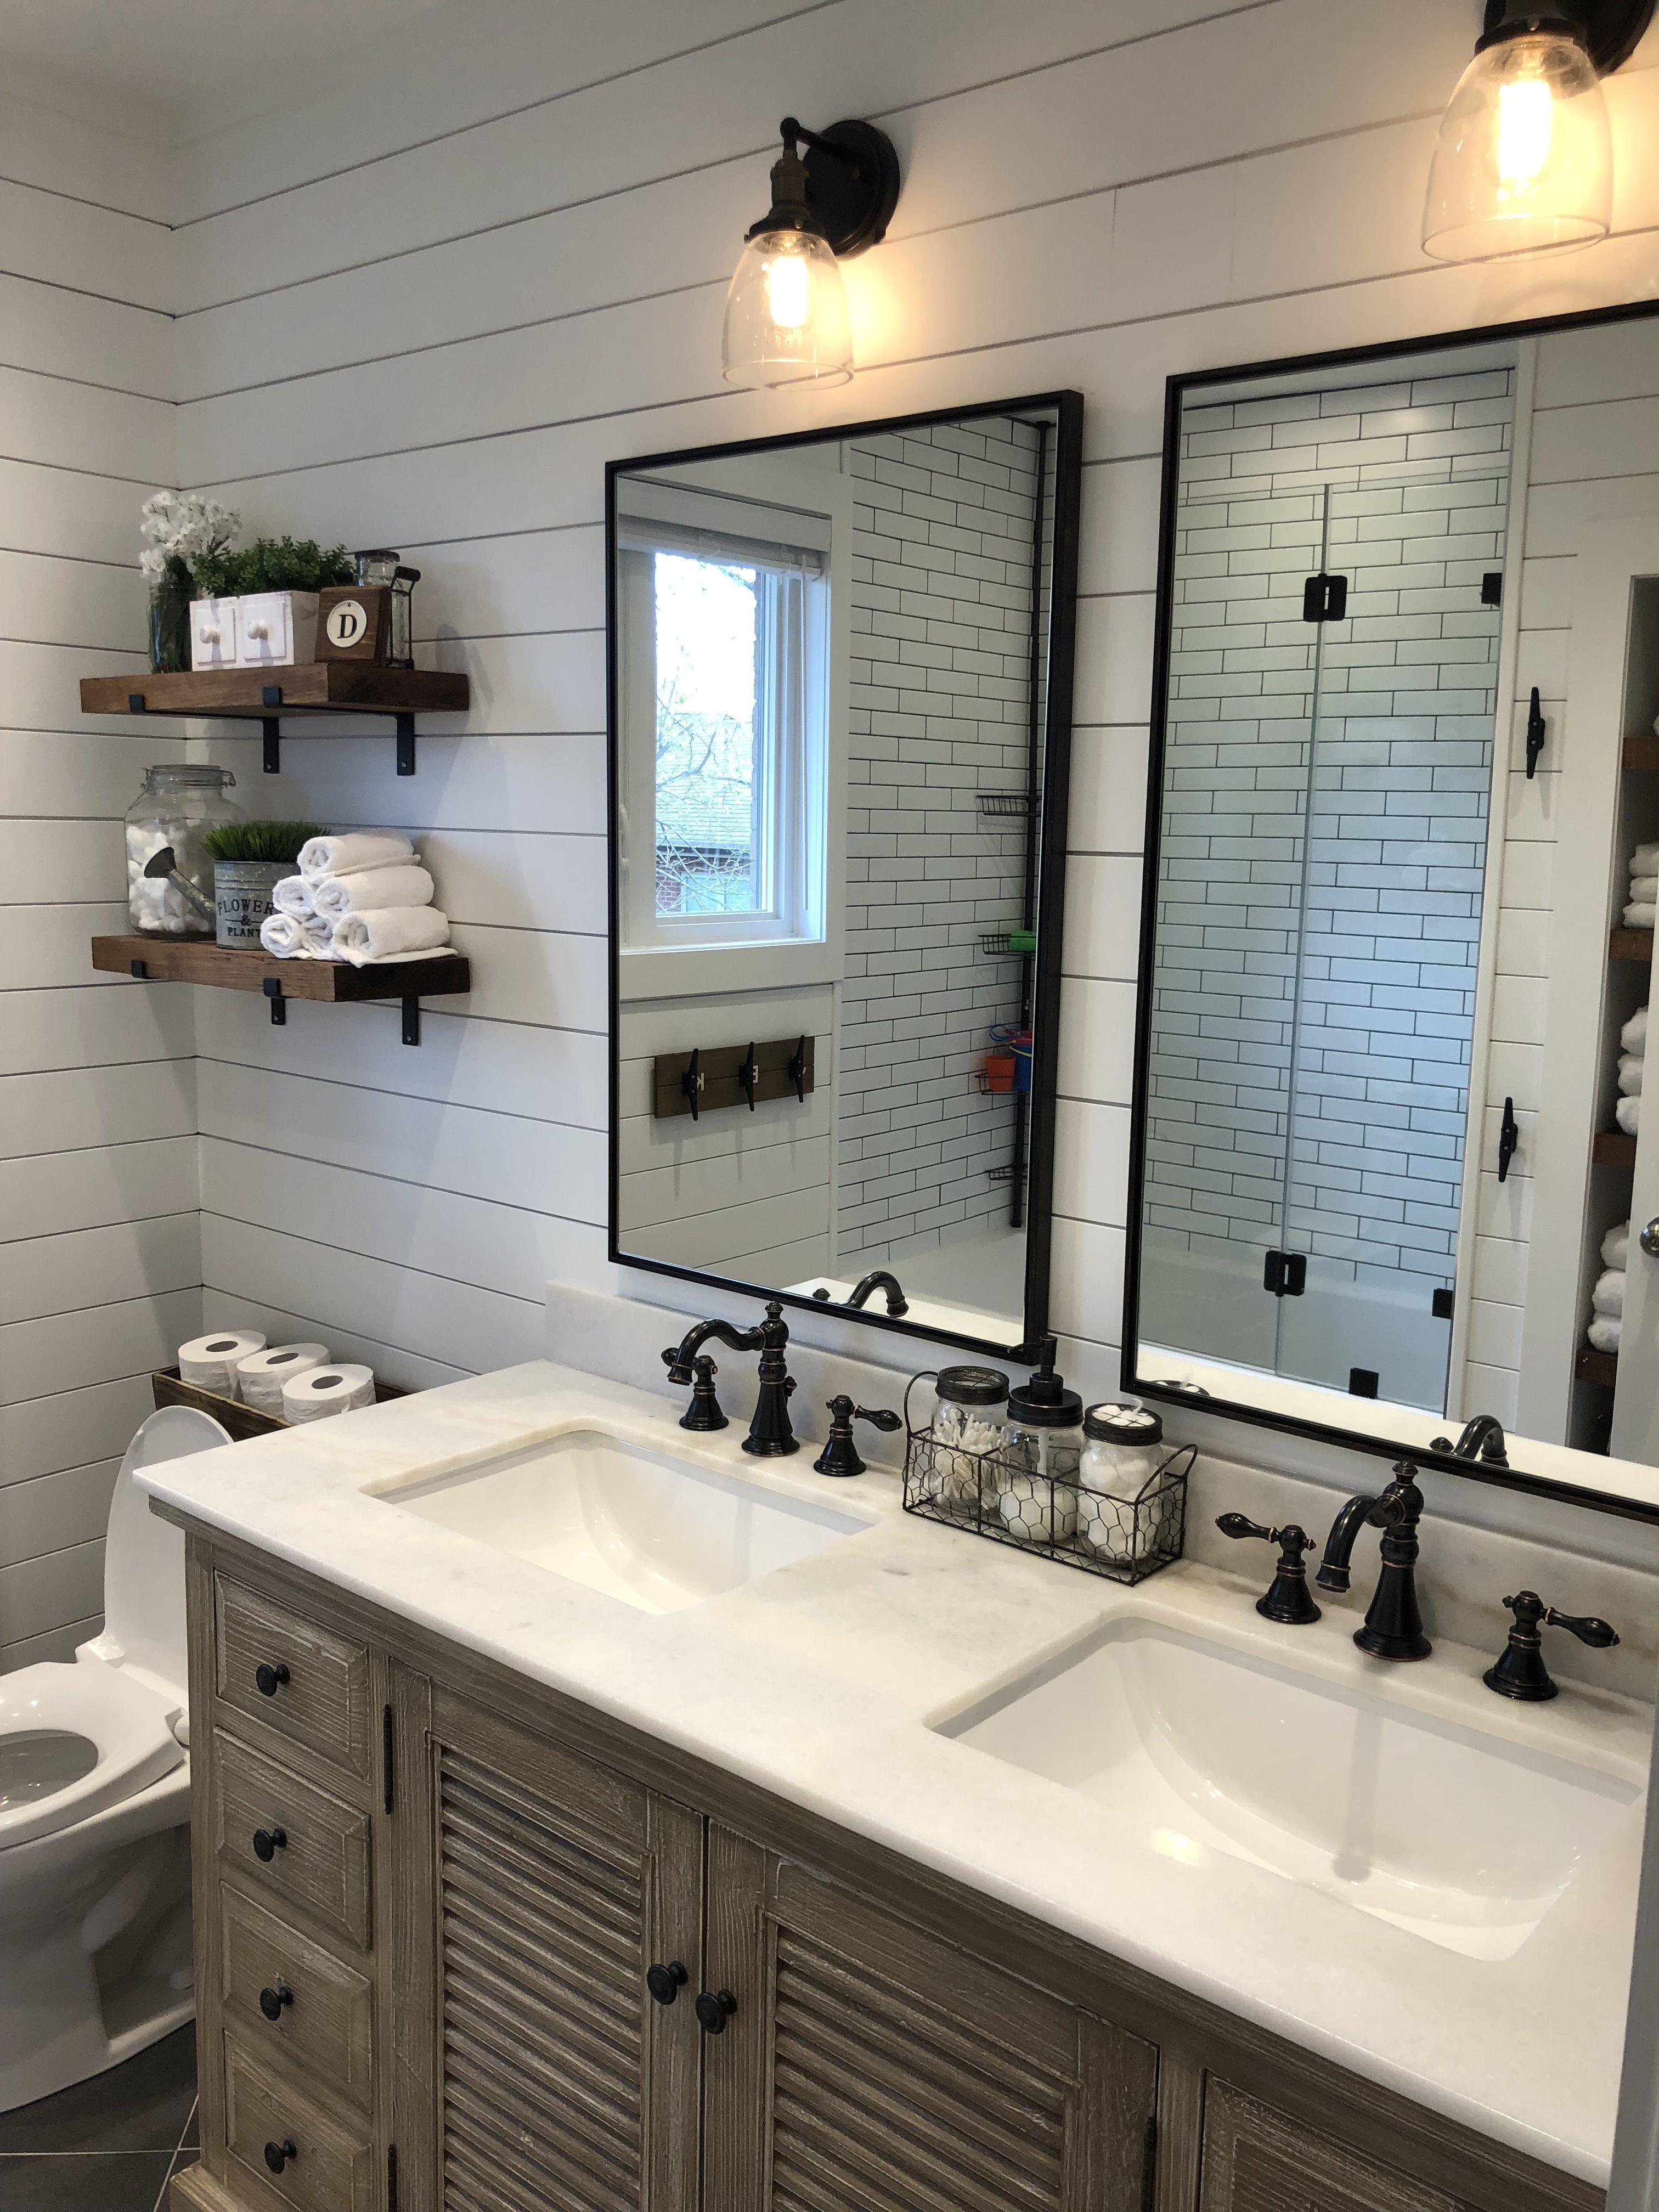 Modern Farmhouse Bathroom with wood vanity, shiplap walls